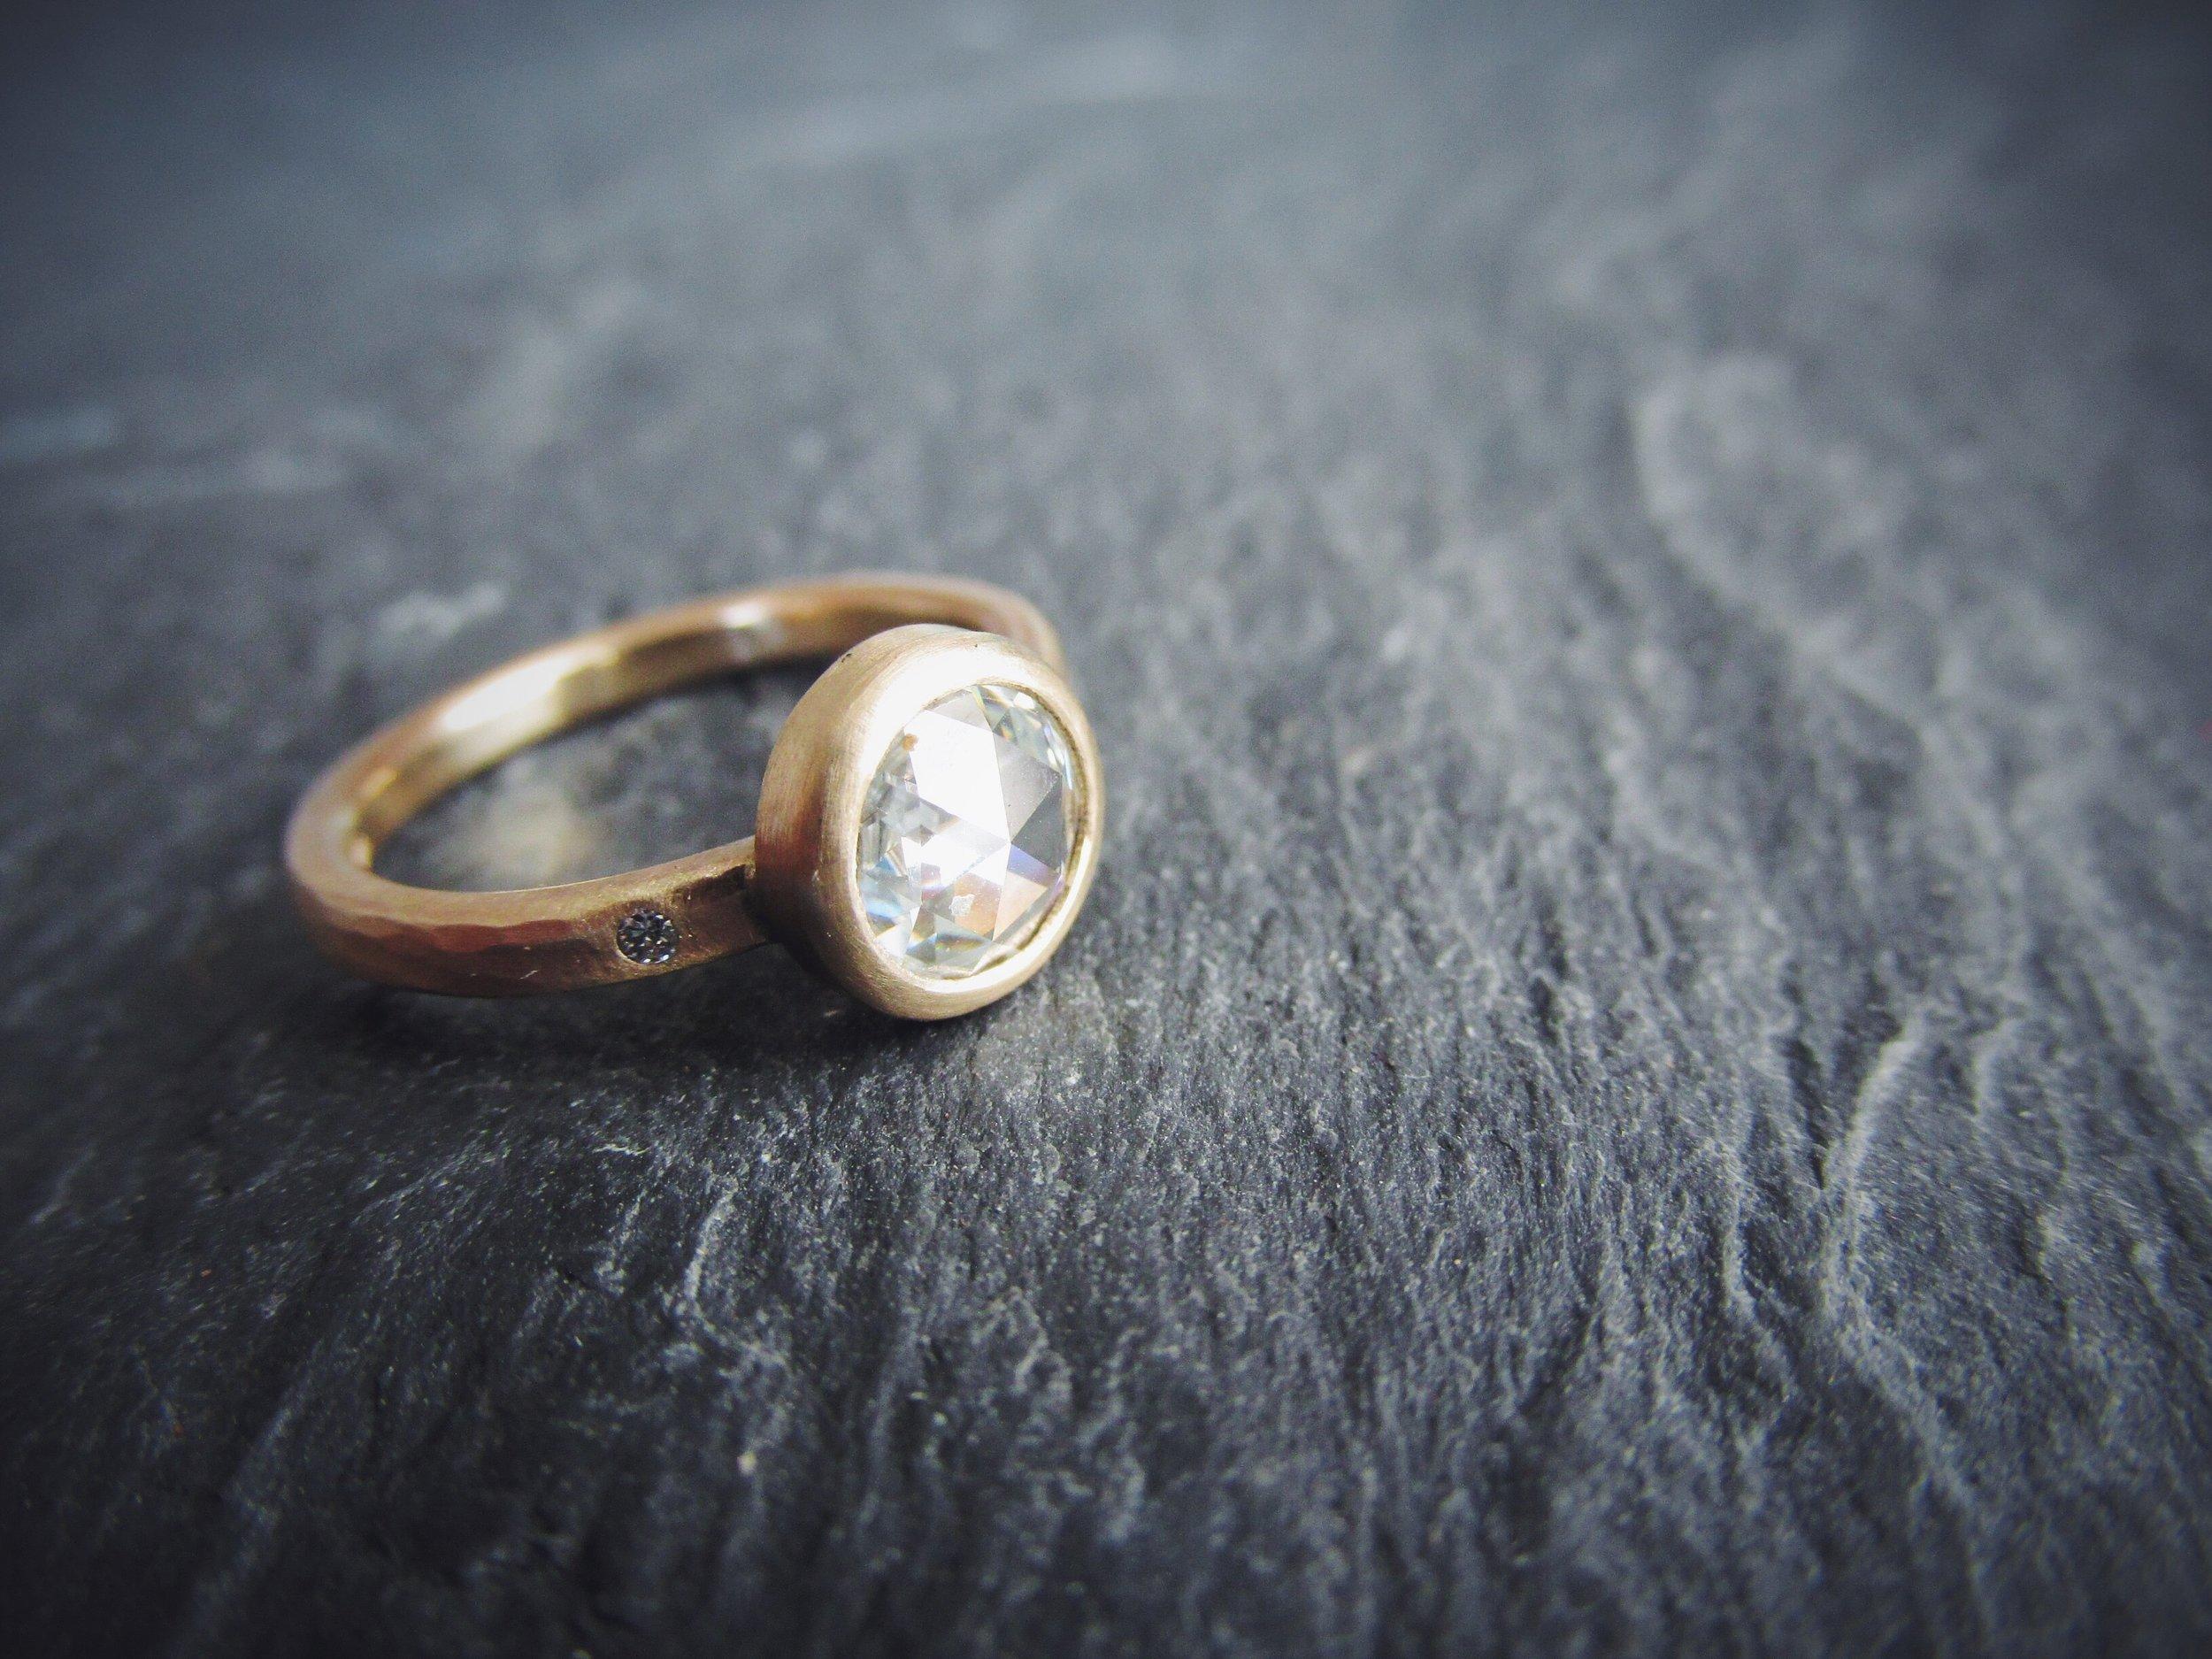 Rose Cut Moissanite Engagement Ring. Starting at $949